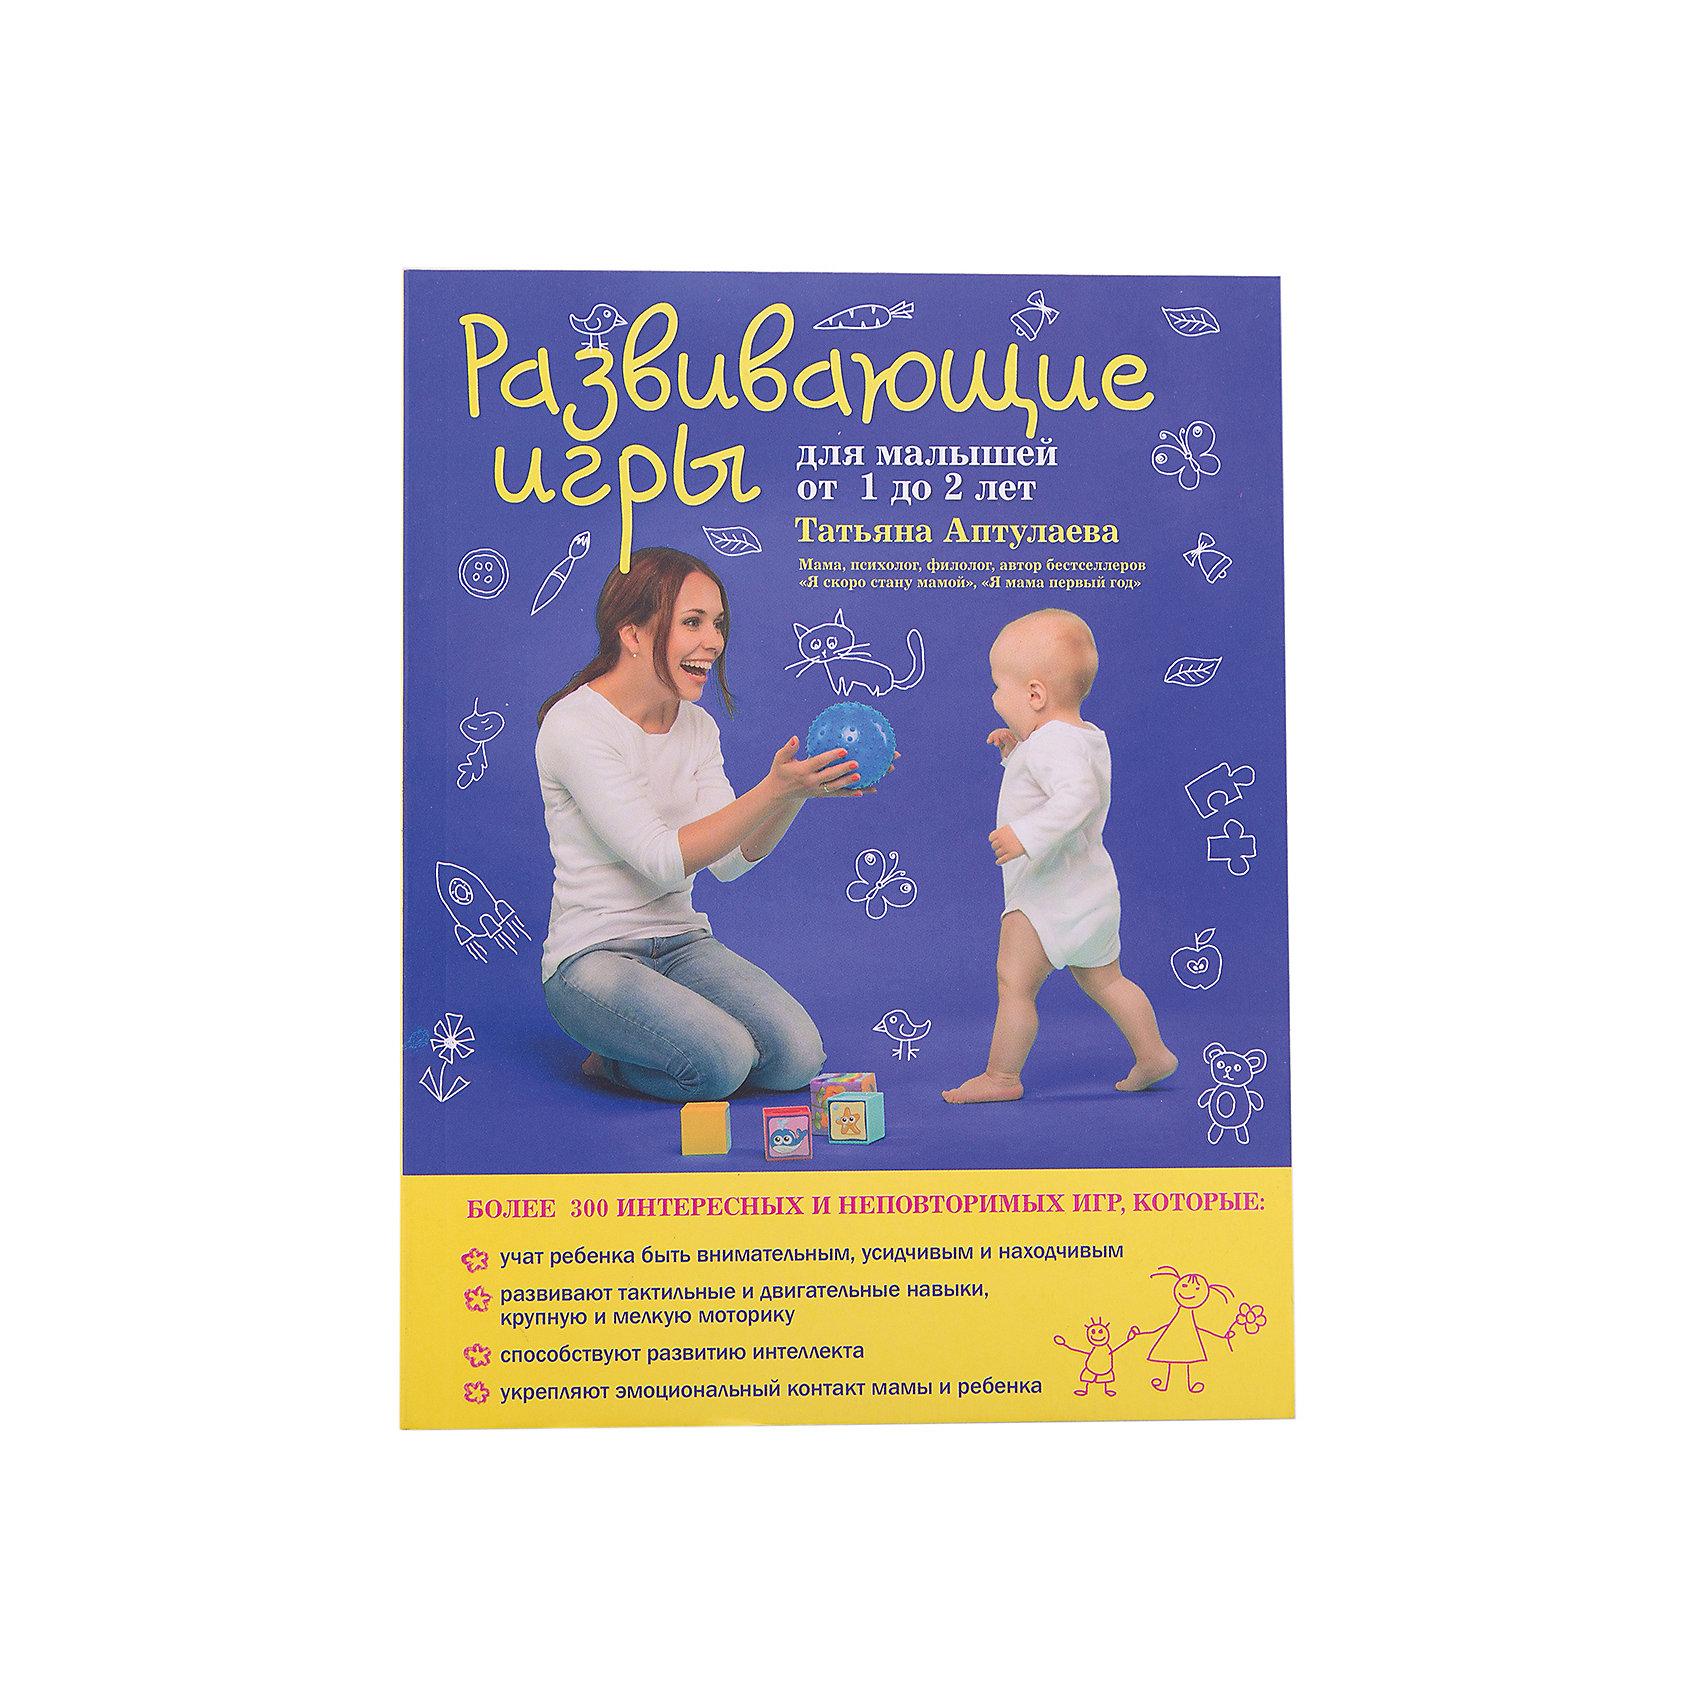 Развивающие игры для малышей от 1 до 2 летТворчество для малышей<br>Эта  книга - настоящий подарок  для всех  увлеченных и ответственных родителей, которым важно, чтобы их малыш активно  и своевременно  развивался. Здесь вы найдете богатую коллекцию игр на каждый день, которые помогут ребенку познакомиться с окружающим миром и развить его базовые способности. Каждая игра – это  не только уникальный способ  весело  и активно провести время вдвоем, но и возможность  ощутить  трогательное единение  друг с другом.<br><br>Ширина мм: 210<br>Глубина мм: 162<br>Высота мм: 120<br>Вес г: 330<br>Возраст от месяцев: 192<br>Возраст до месяцев: 2147483647<br>Пол: Унисекс<br>Возраст: Детский<br>SKU: 5535405